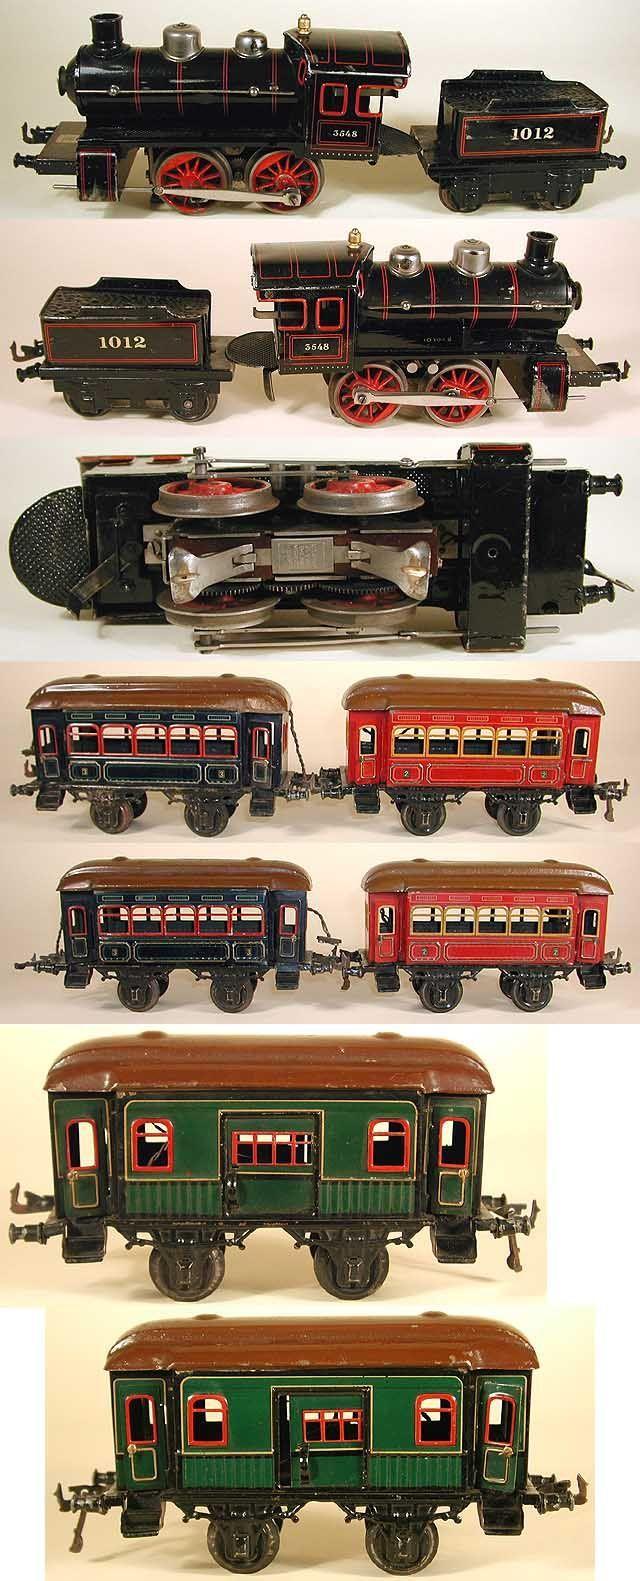 Antique toy train sets